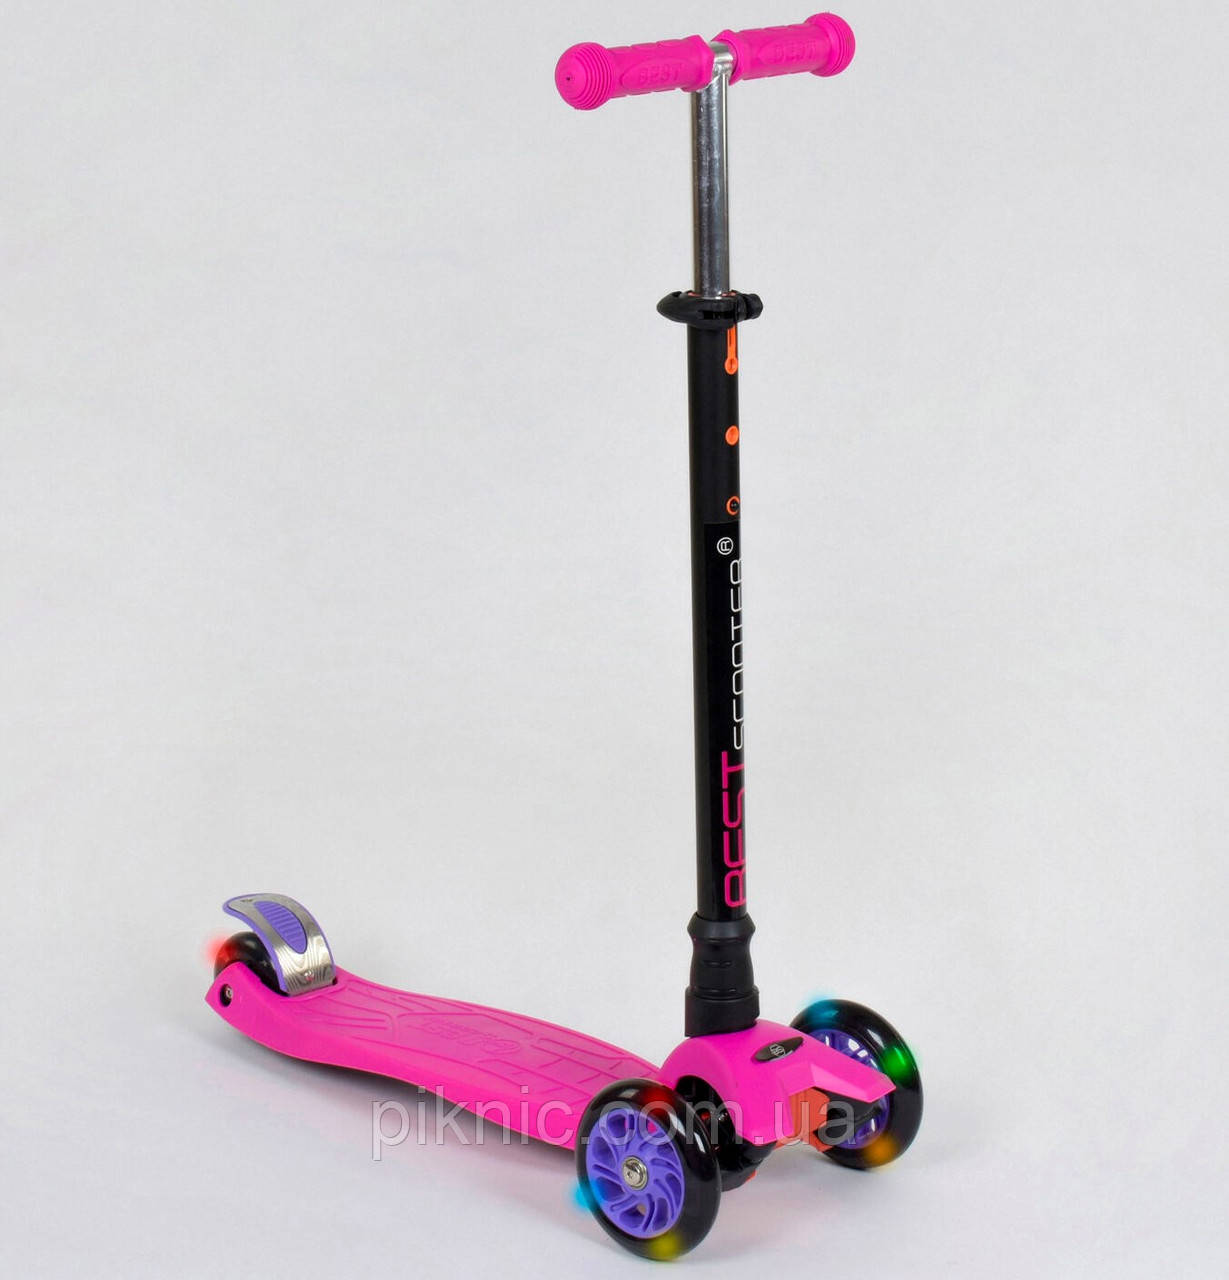 Самокат MAXI для девочек от 3 лет, 4 колеса, свет, PU. Детский транспорт. Розовый